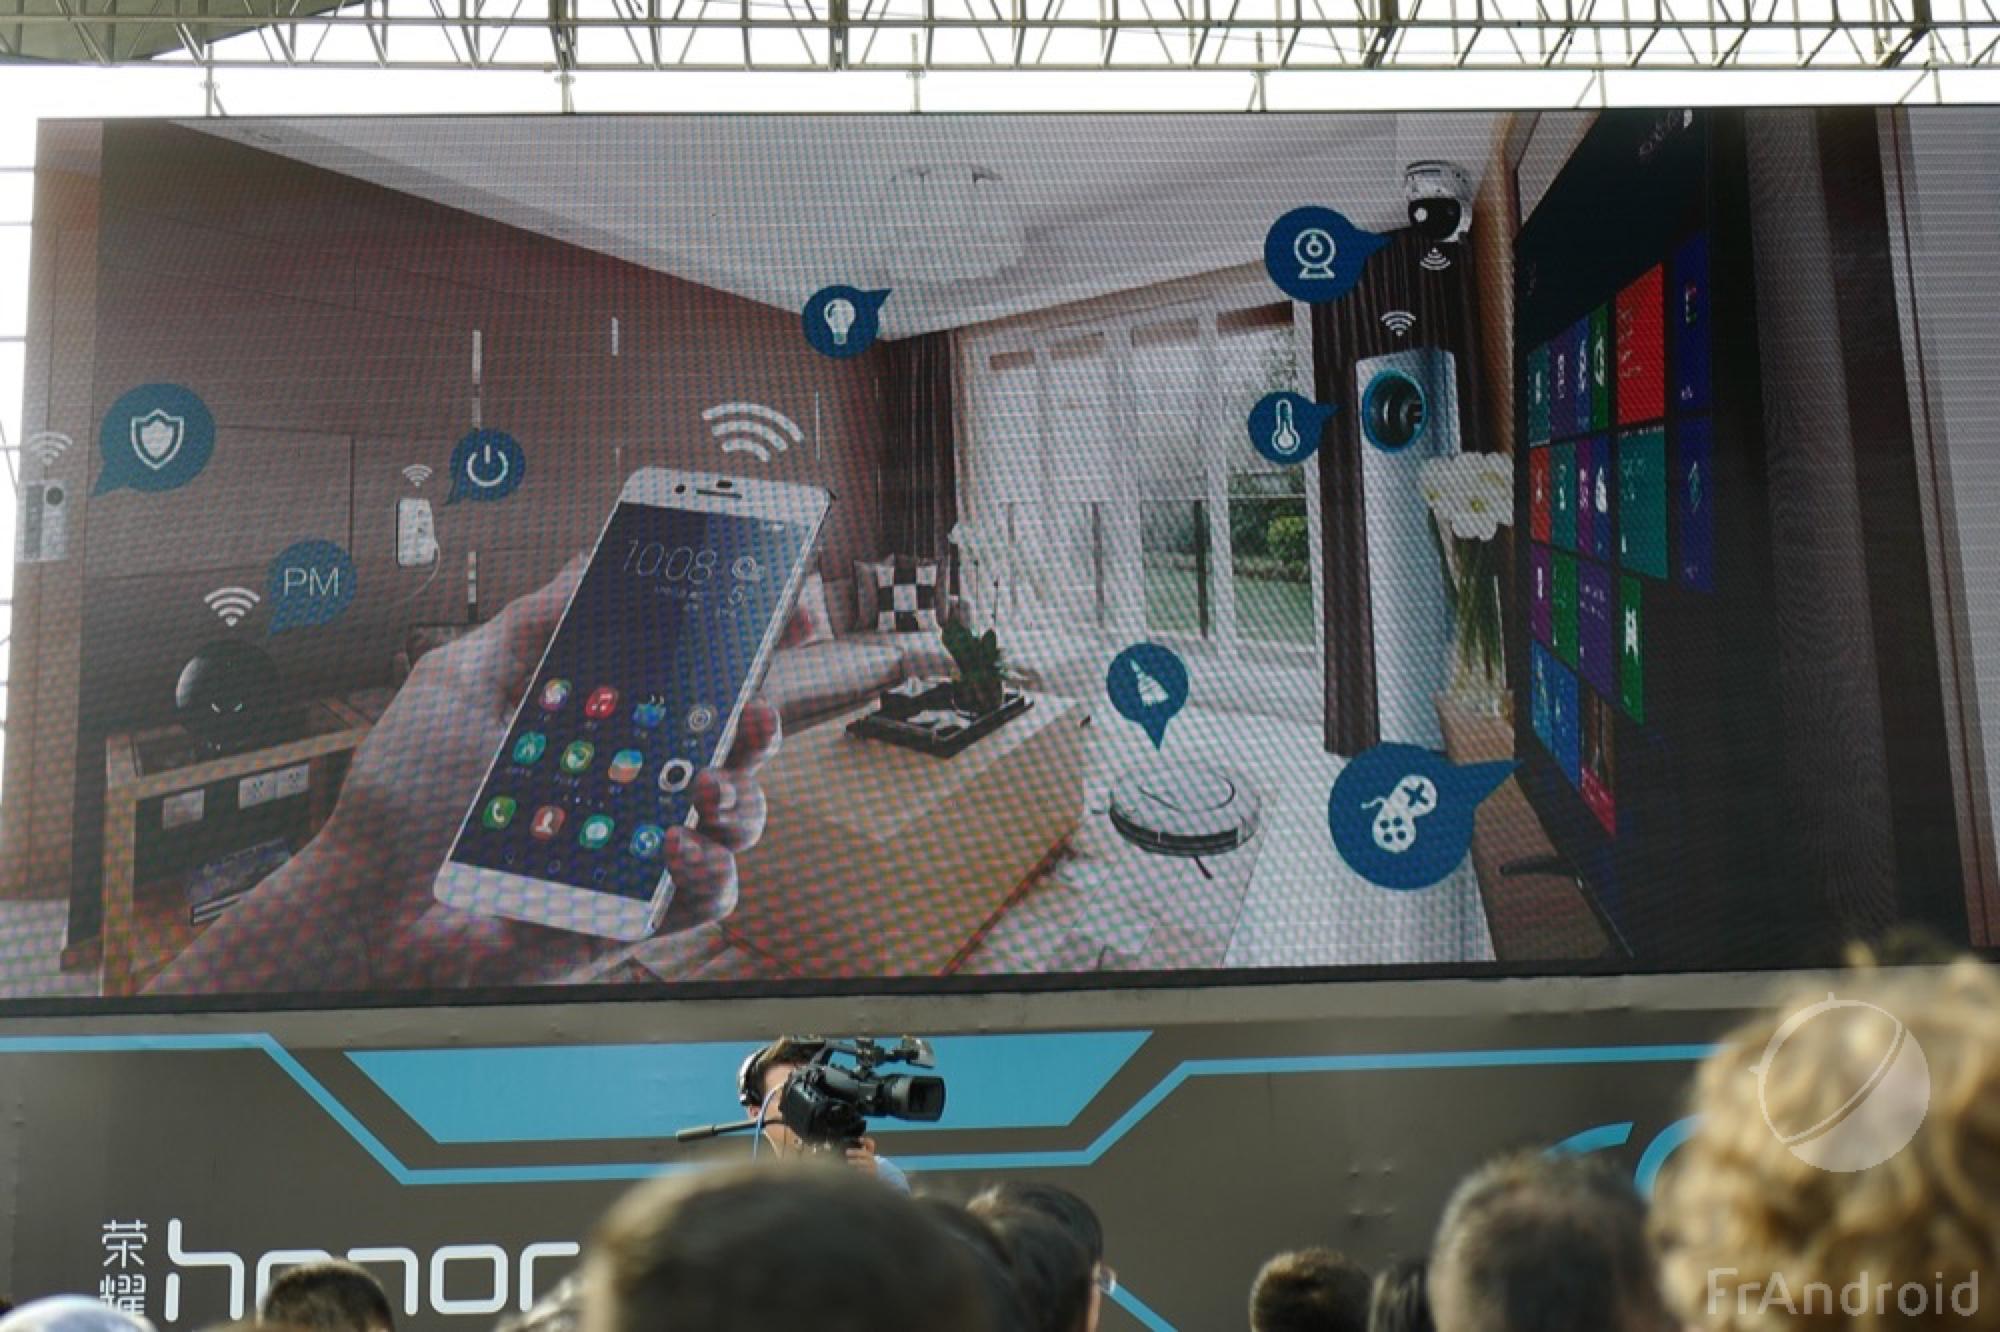 Honor et Huawei mettent les pieds dans l'IoT, avec HiLink et LiteOS